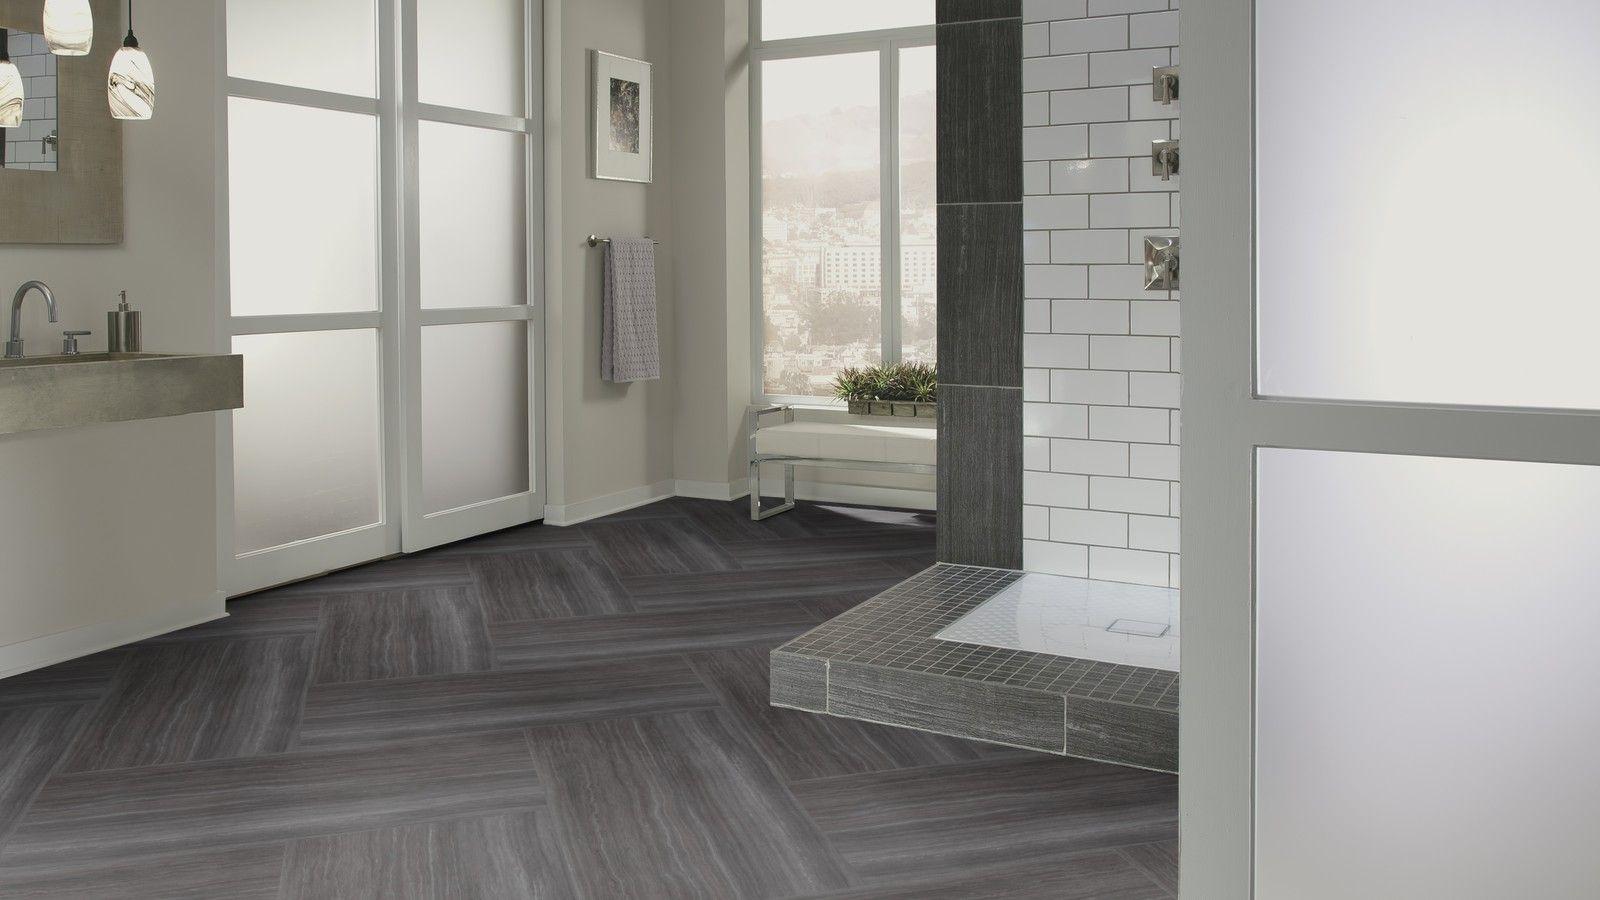 Pvc Vloeren Goedkoop : Goedkoop visgraat pvc vloeren online bestellen bij cavallo floors